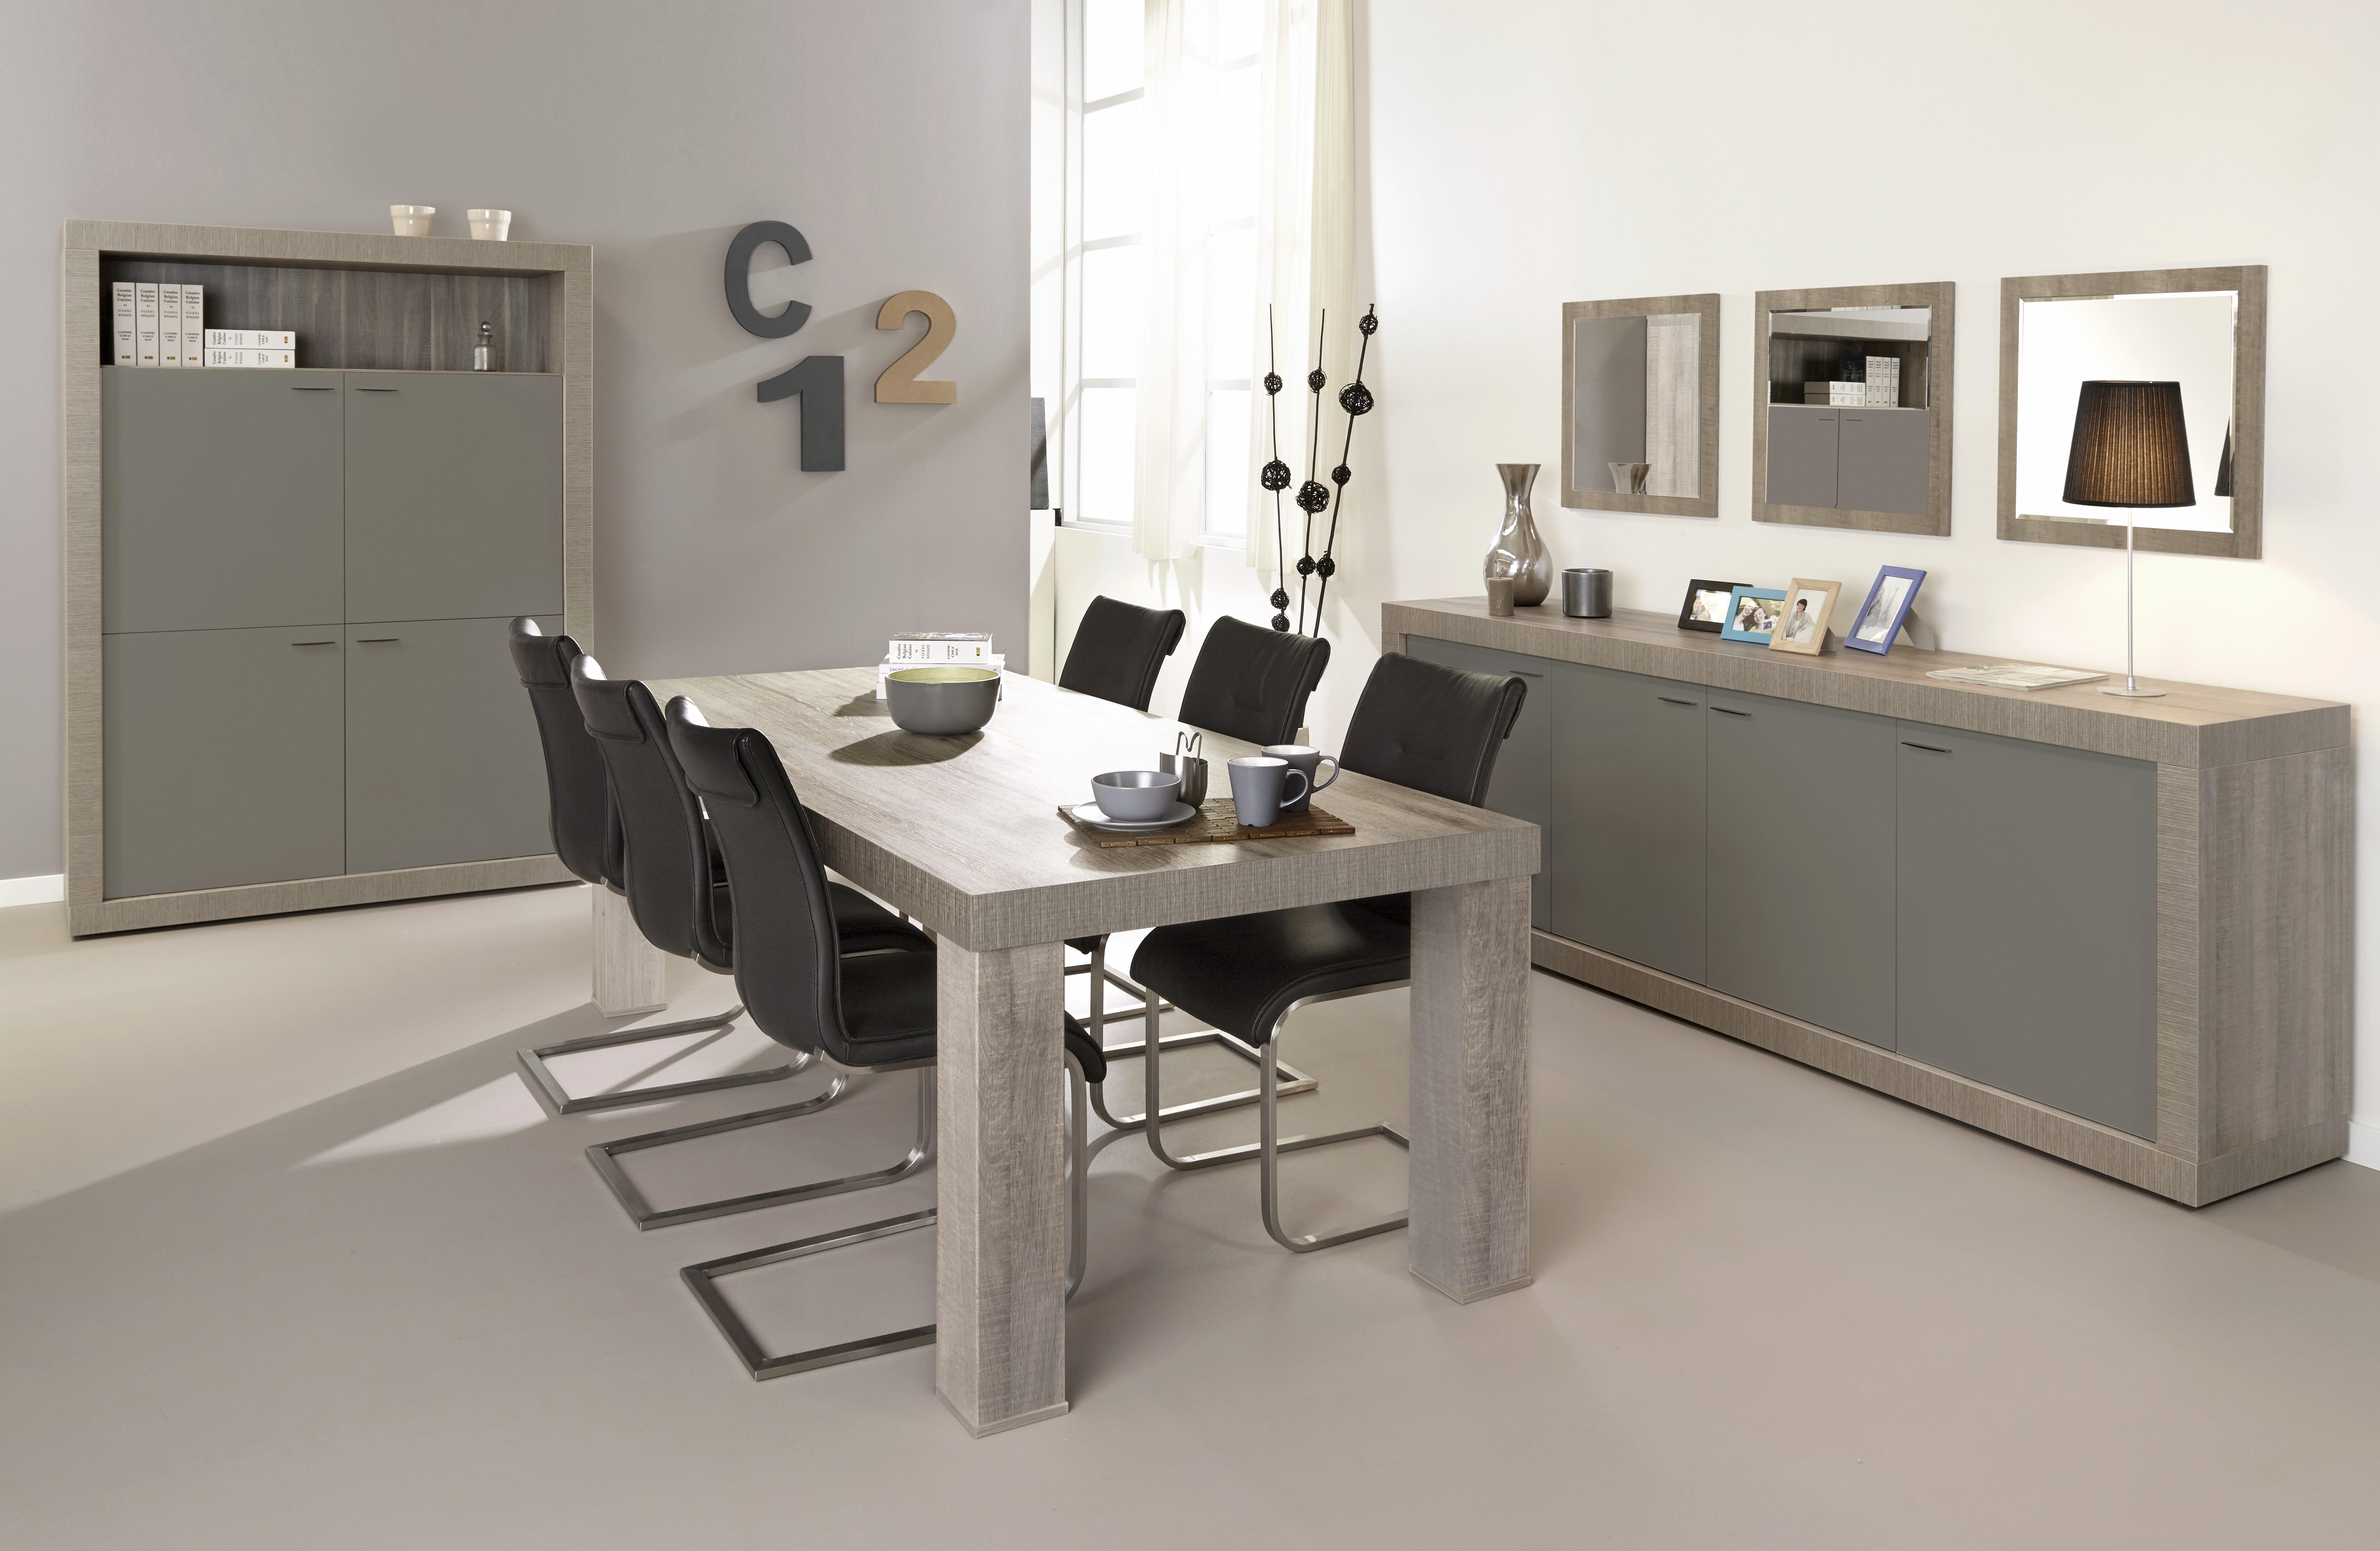 rimini e5 k518 mobilier confort. Black Bedroom Furniture Sets. Home Design Ideas